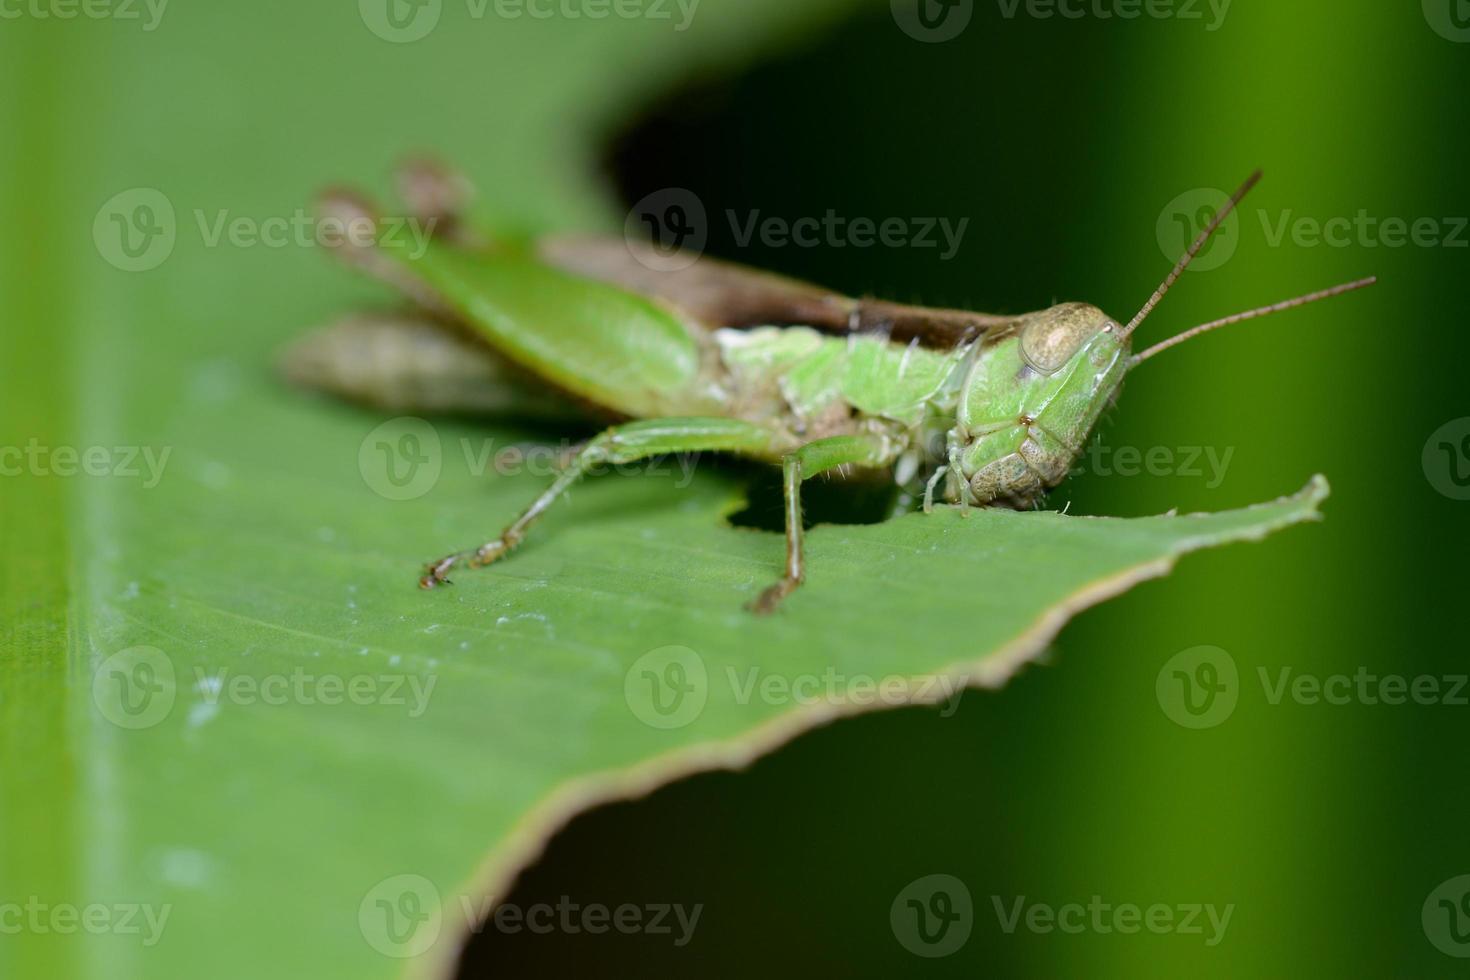 makro av gräshoppa som äter grönt blad foto